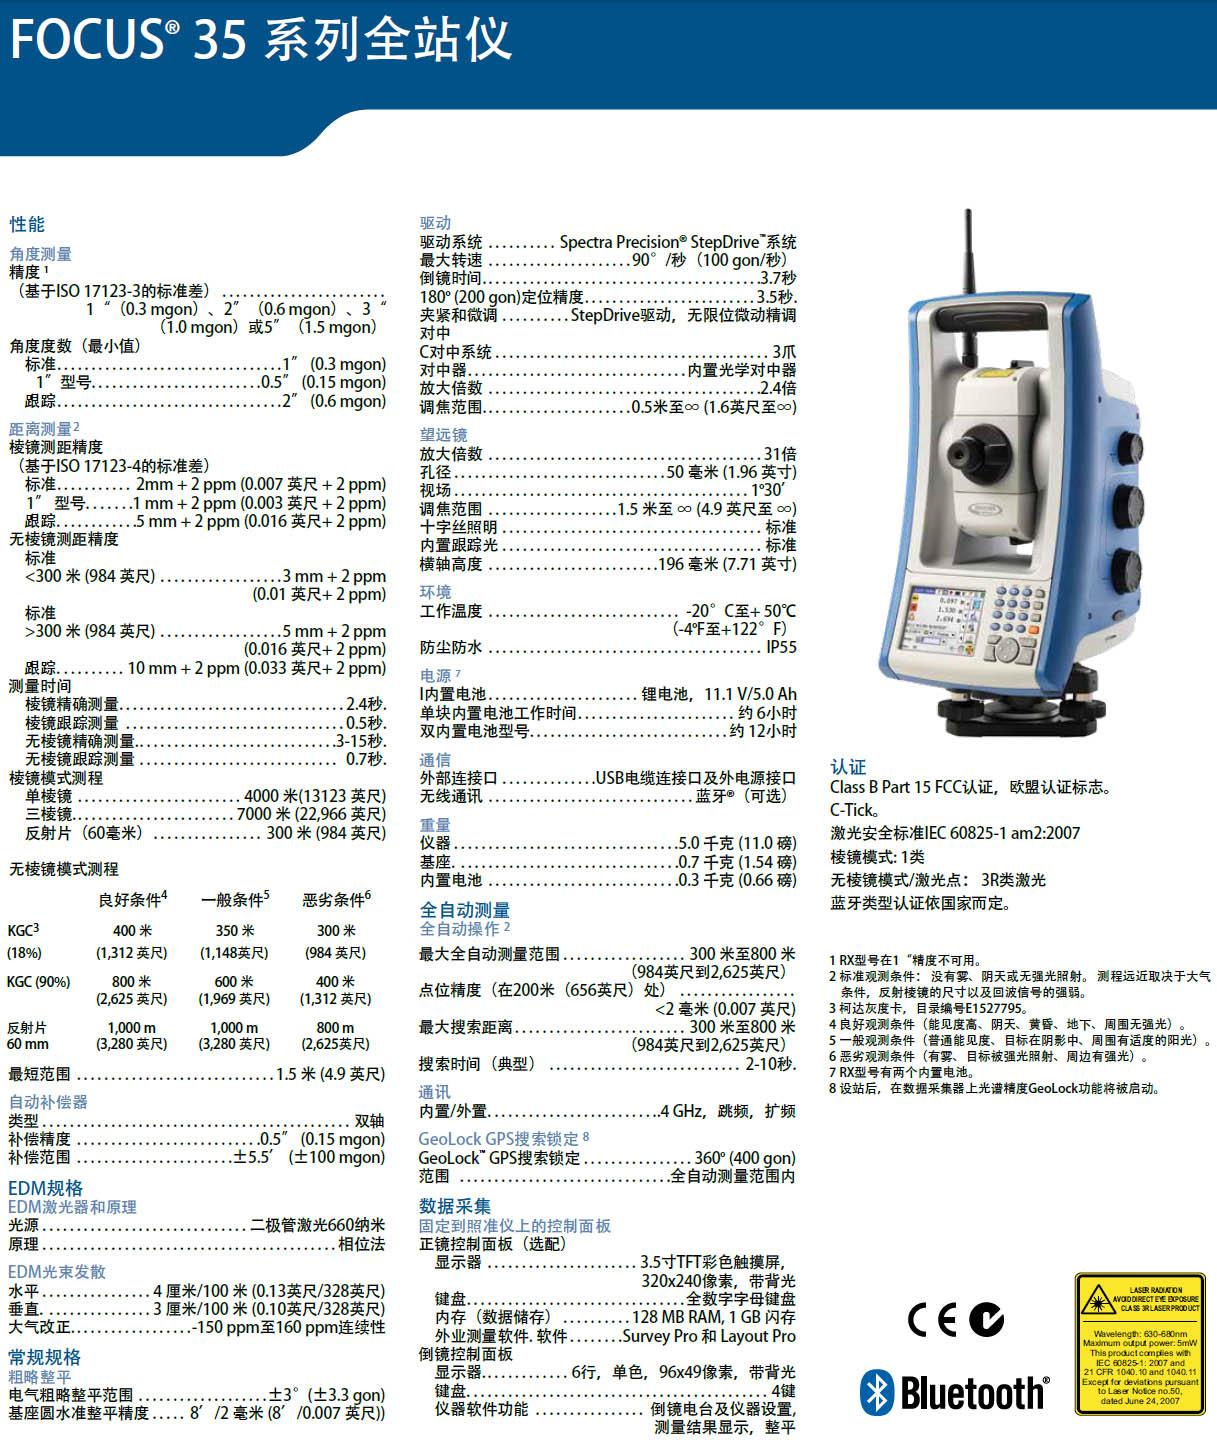 天宝光谱FOCUS35自动伺服全站仪技术参数